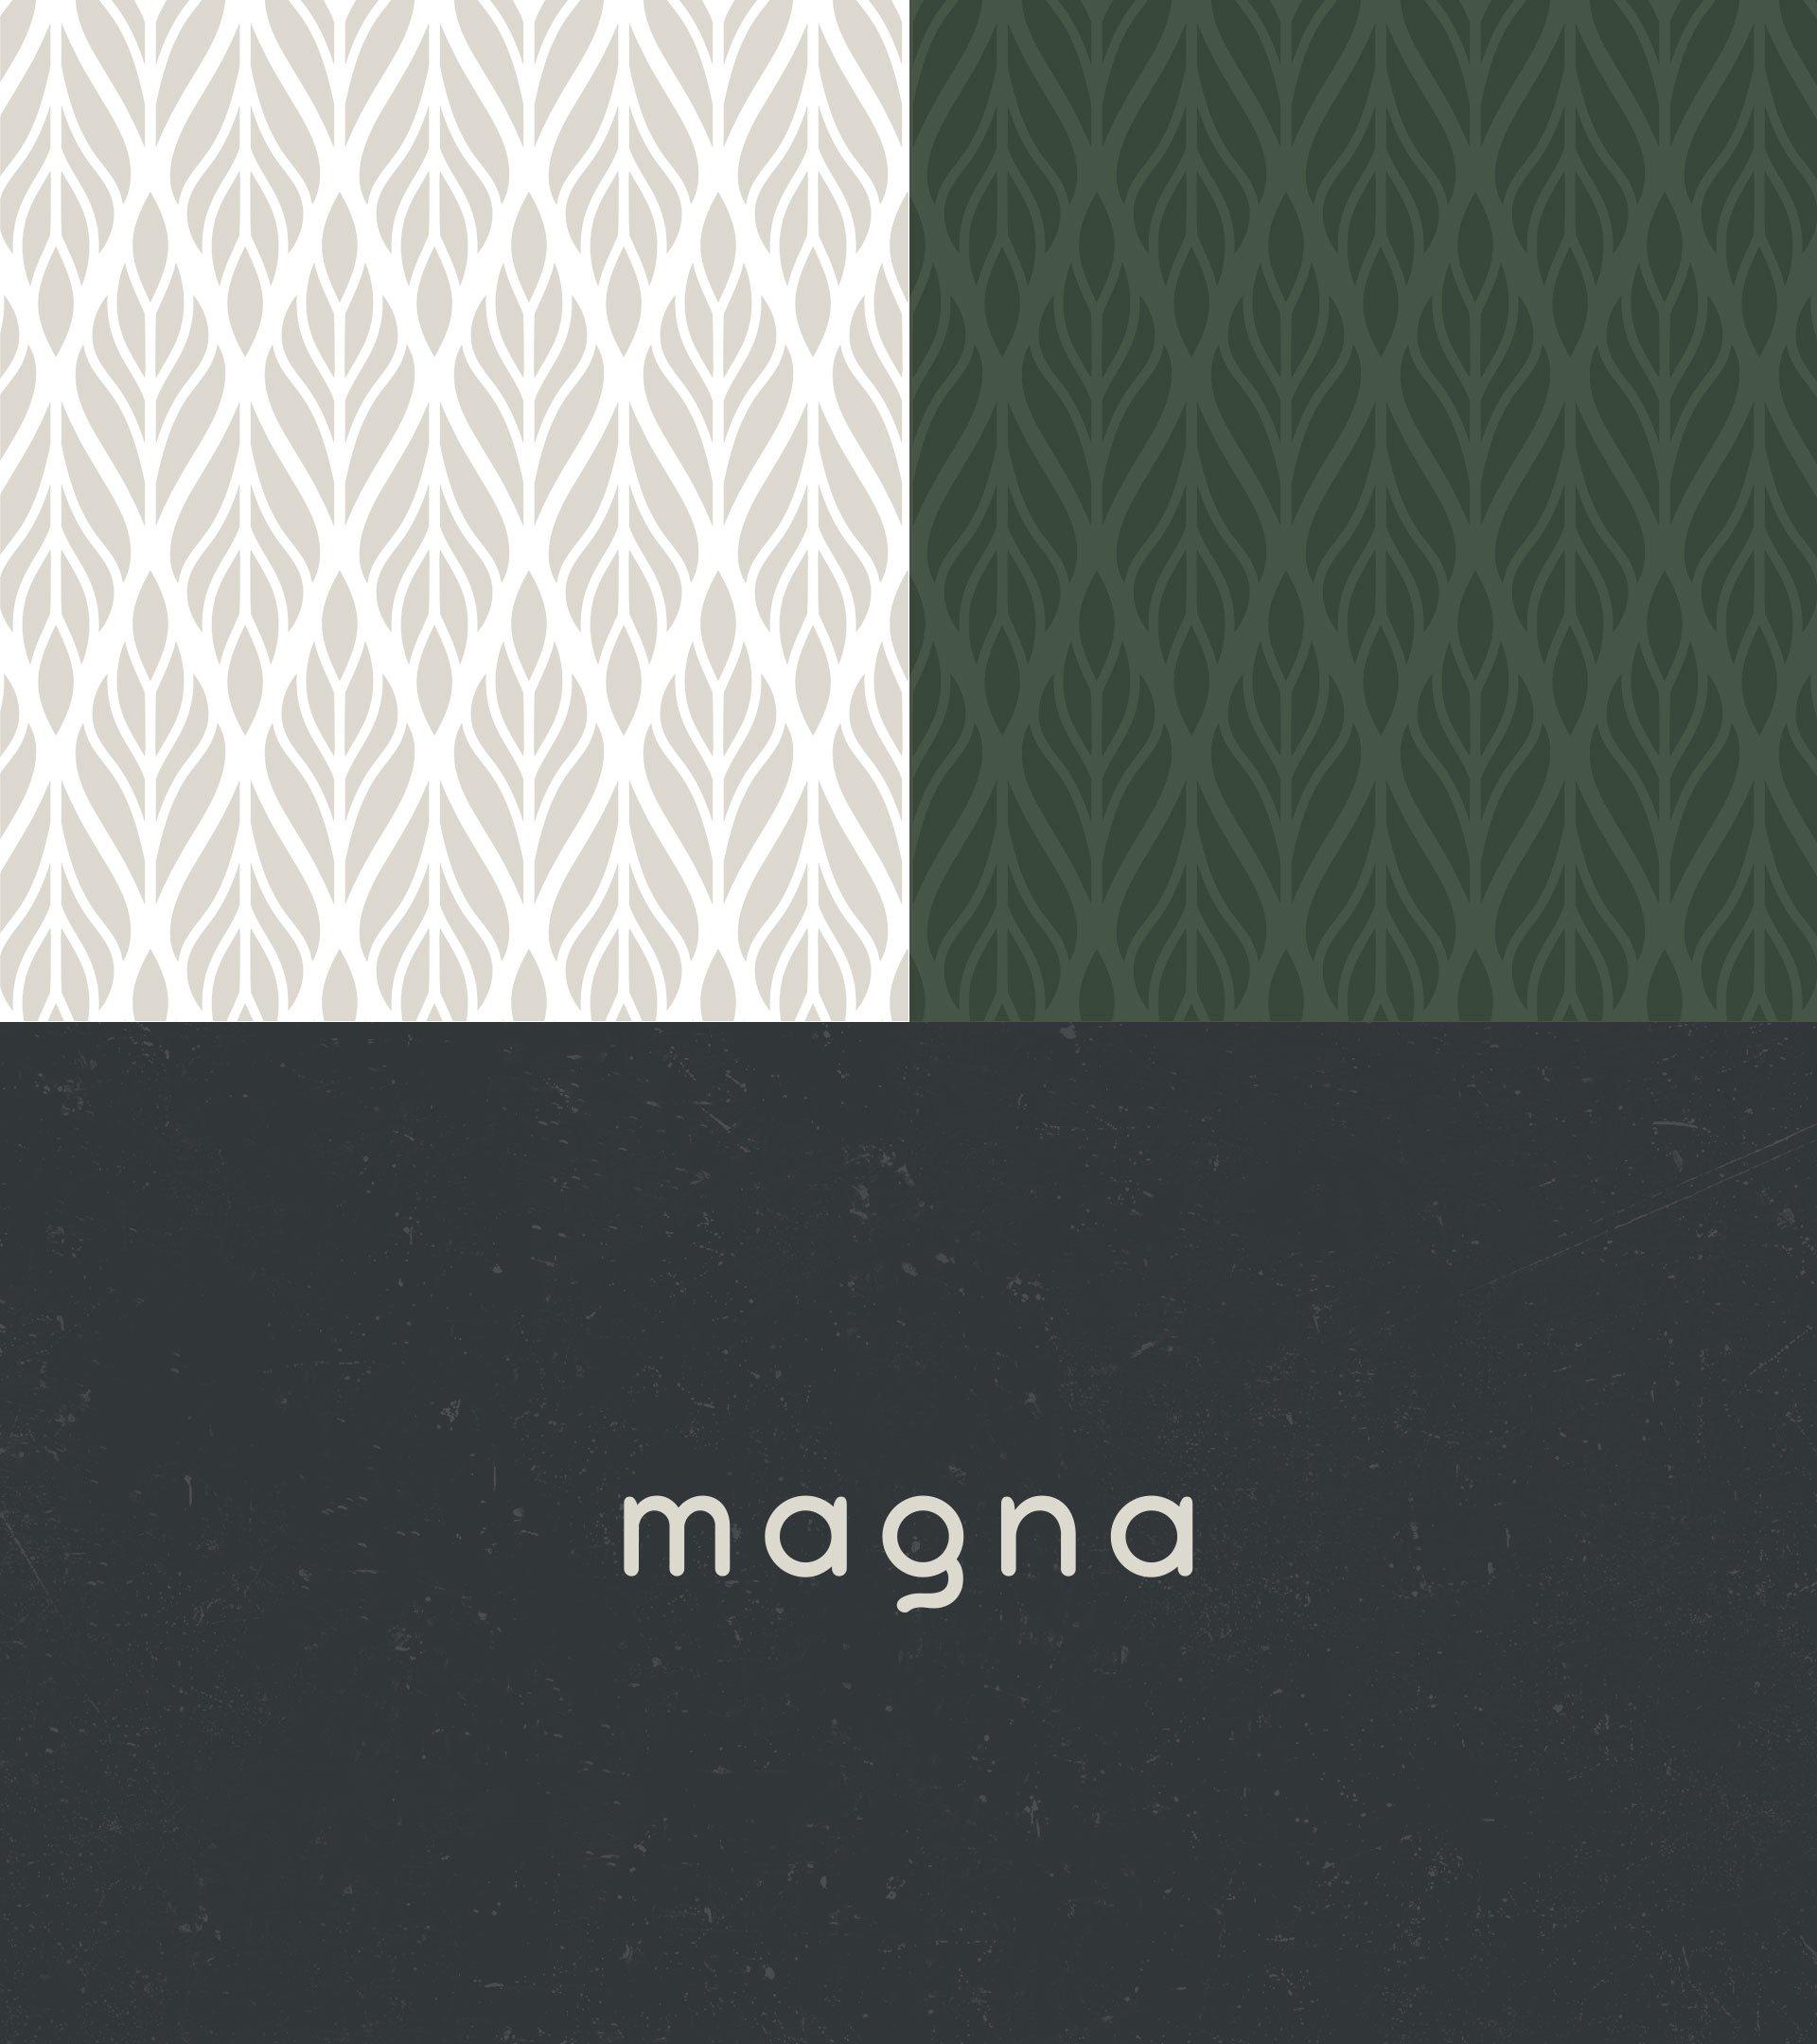 Magna-5